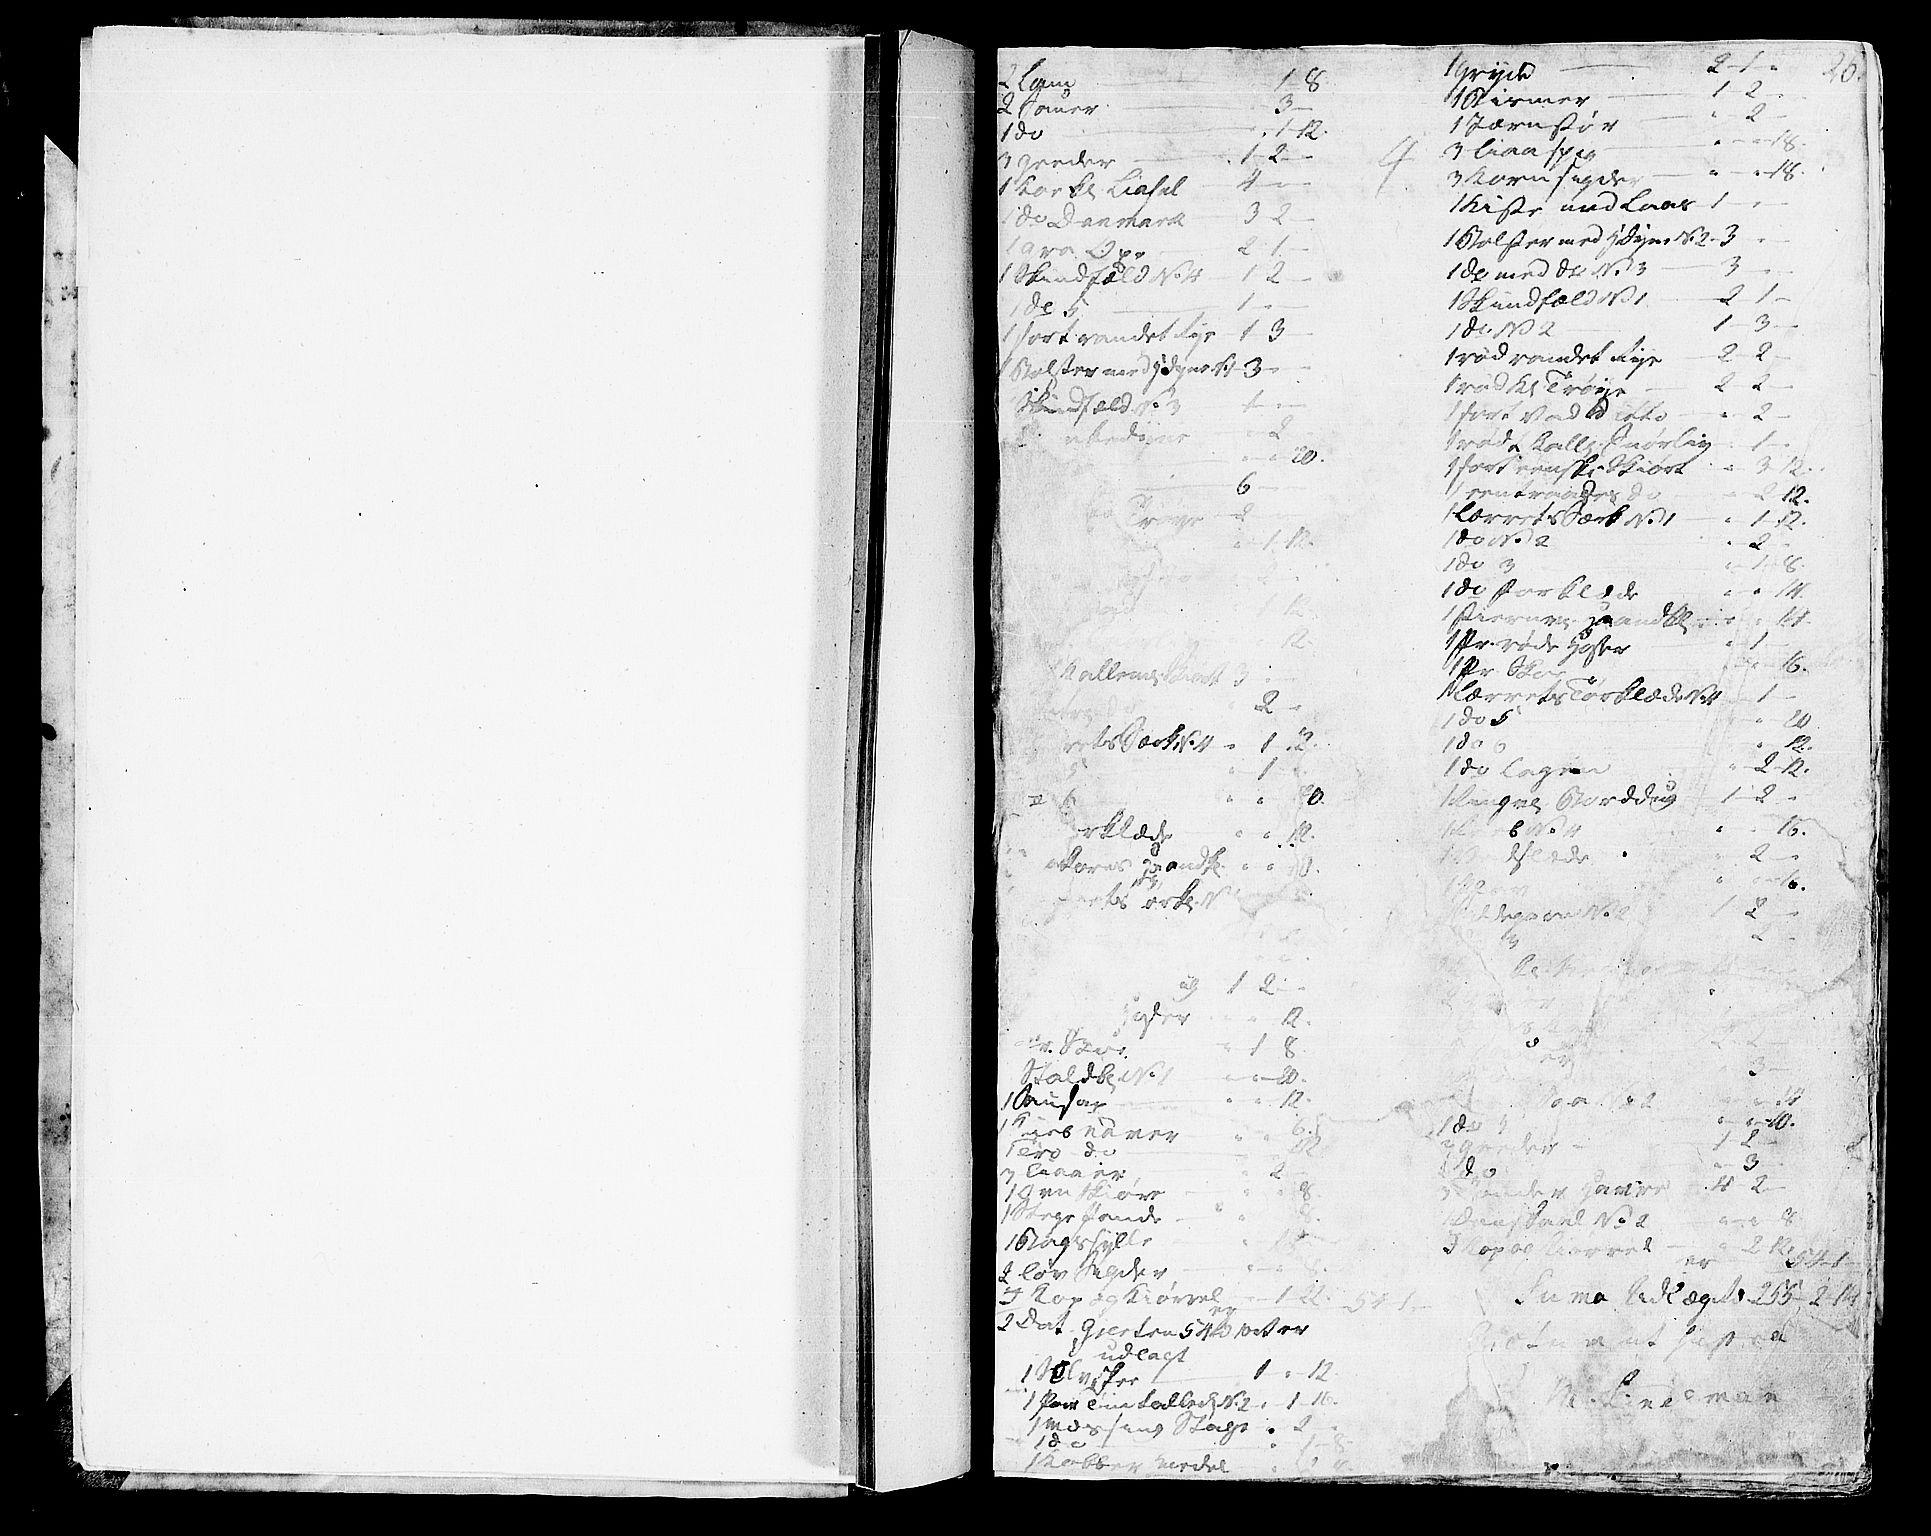 SAT, Nordmøre sorenskriveri, 3/3A/L0021: Skifteprotokoll nr. 19, 1792-1797, s. 25